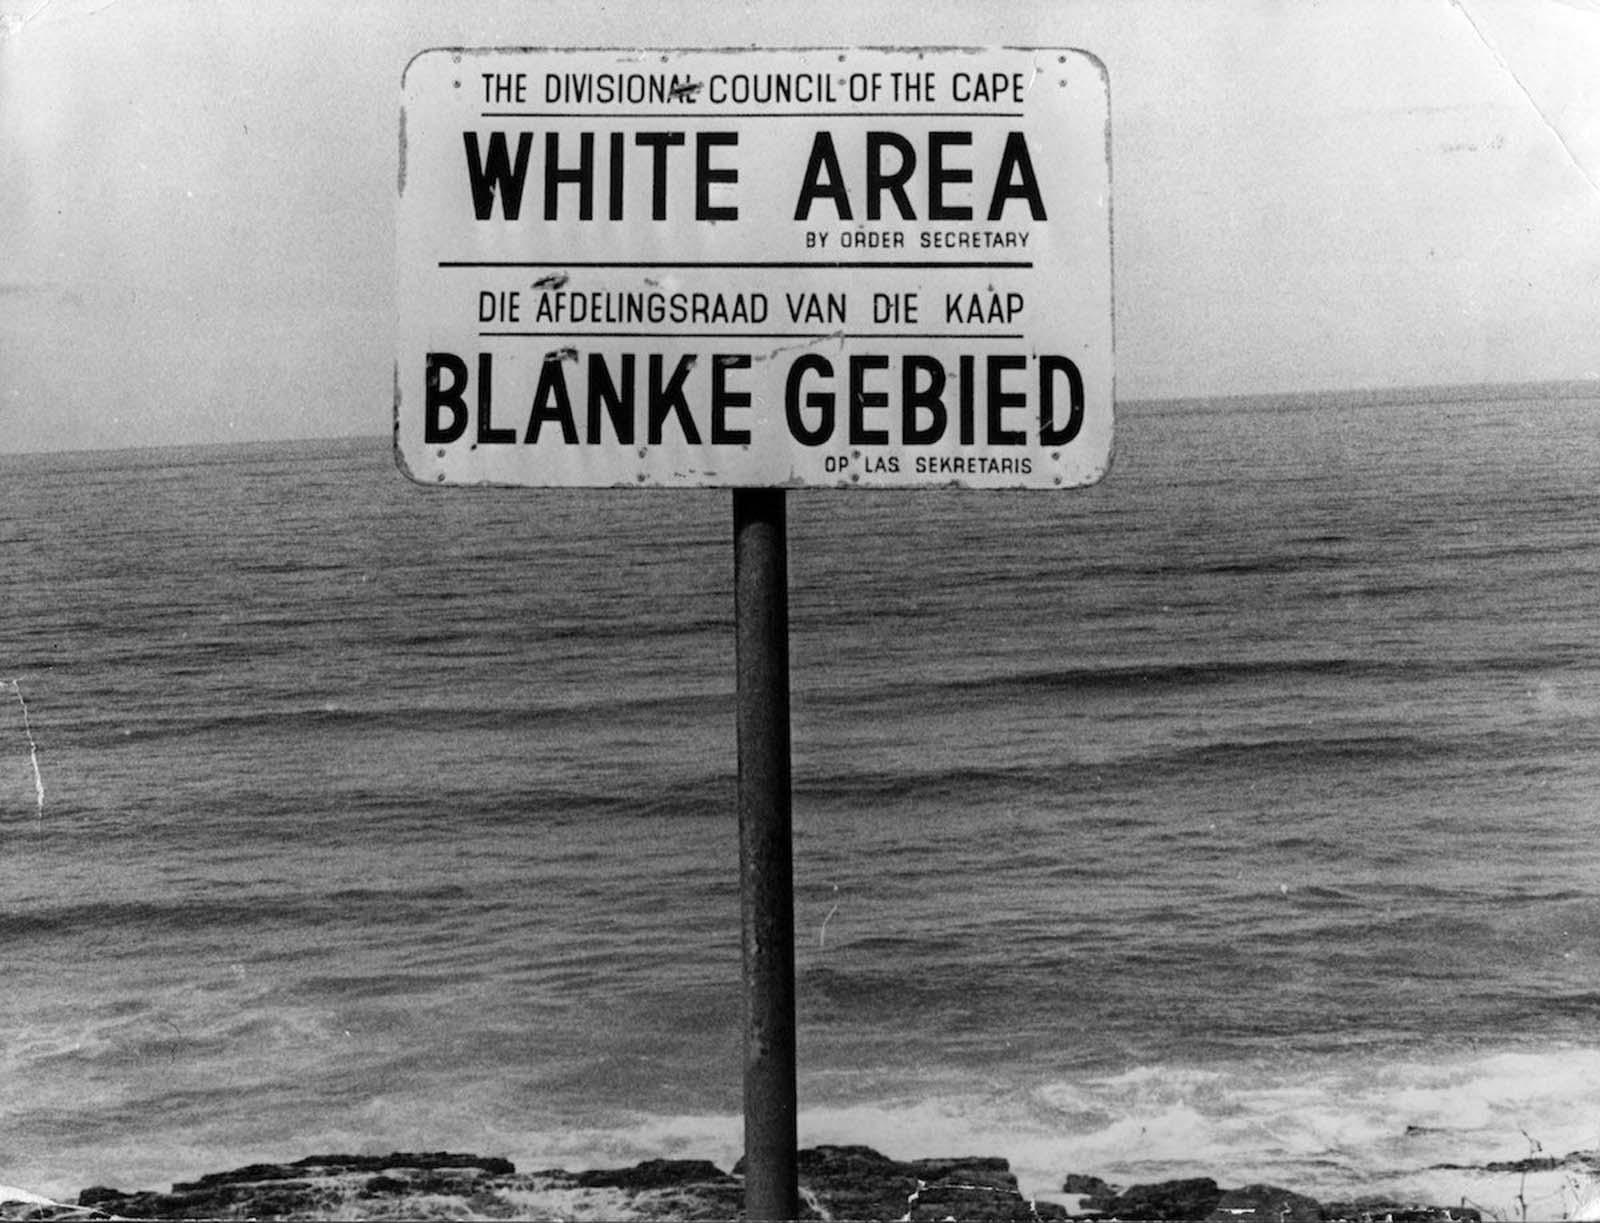 <p>1976, Кейп Таун: Регион само за бели.</p>